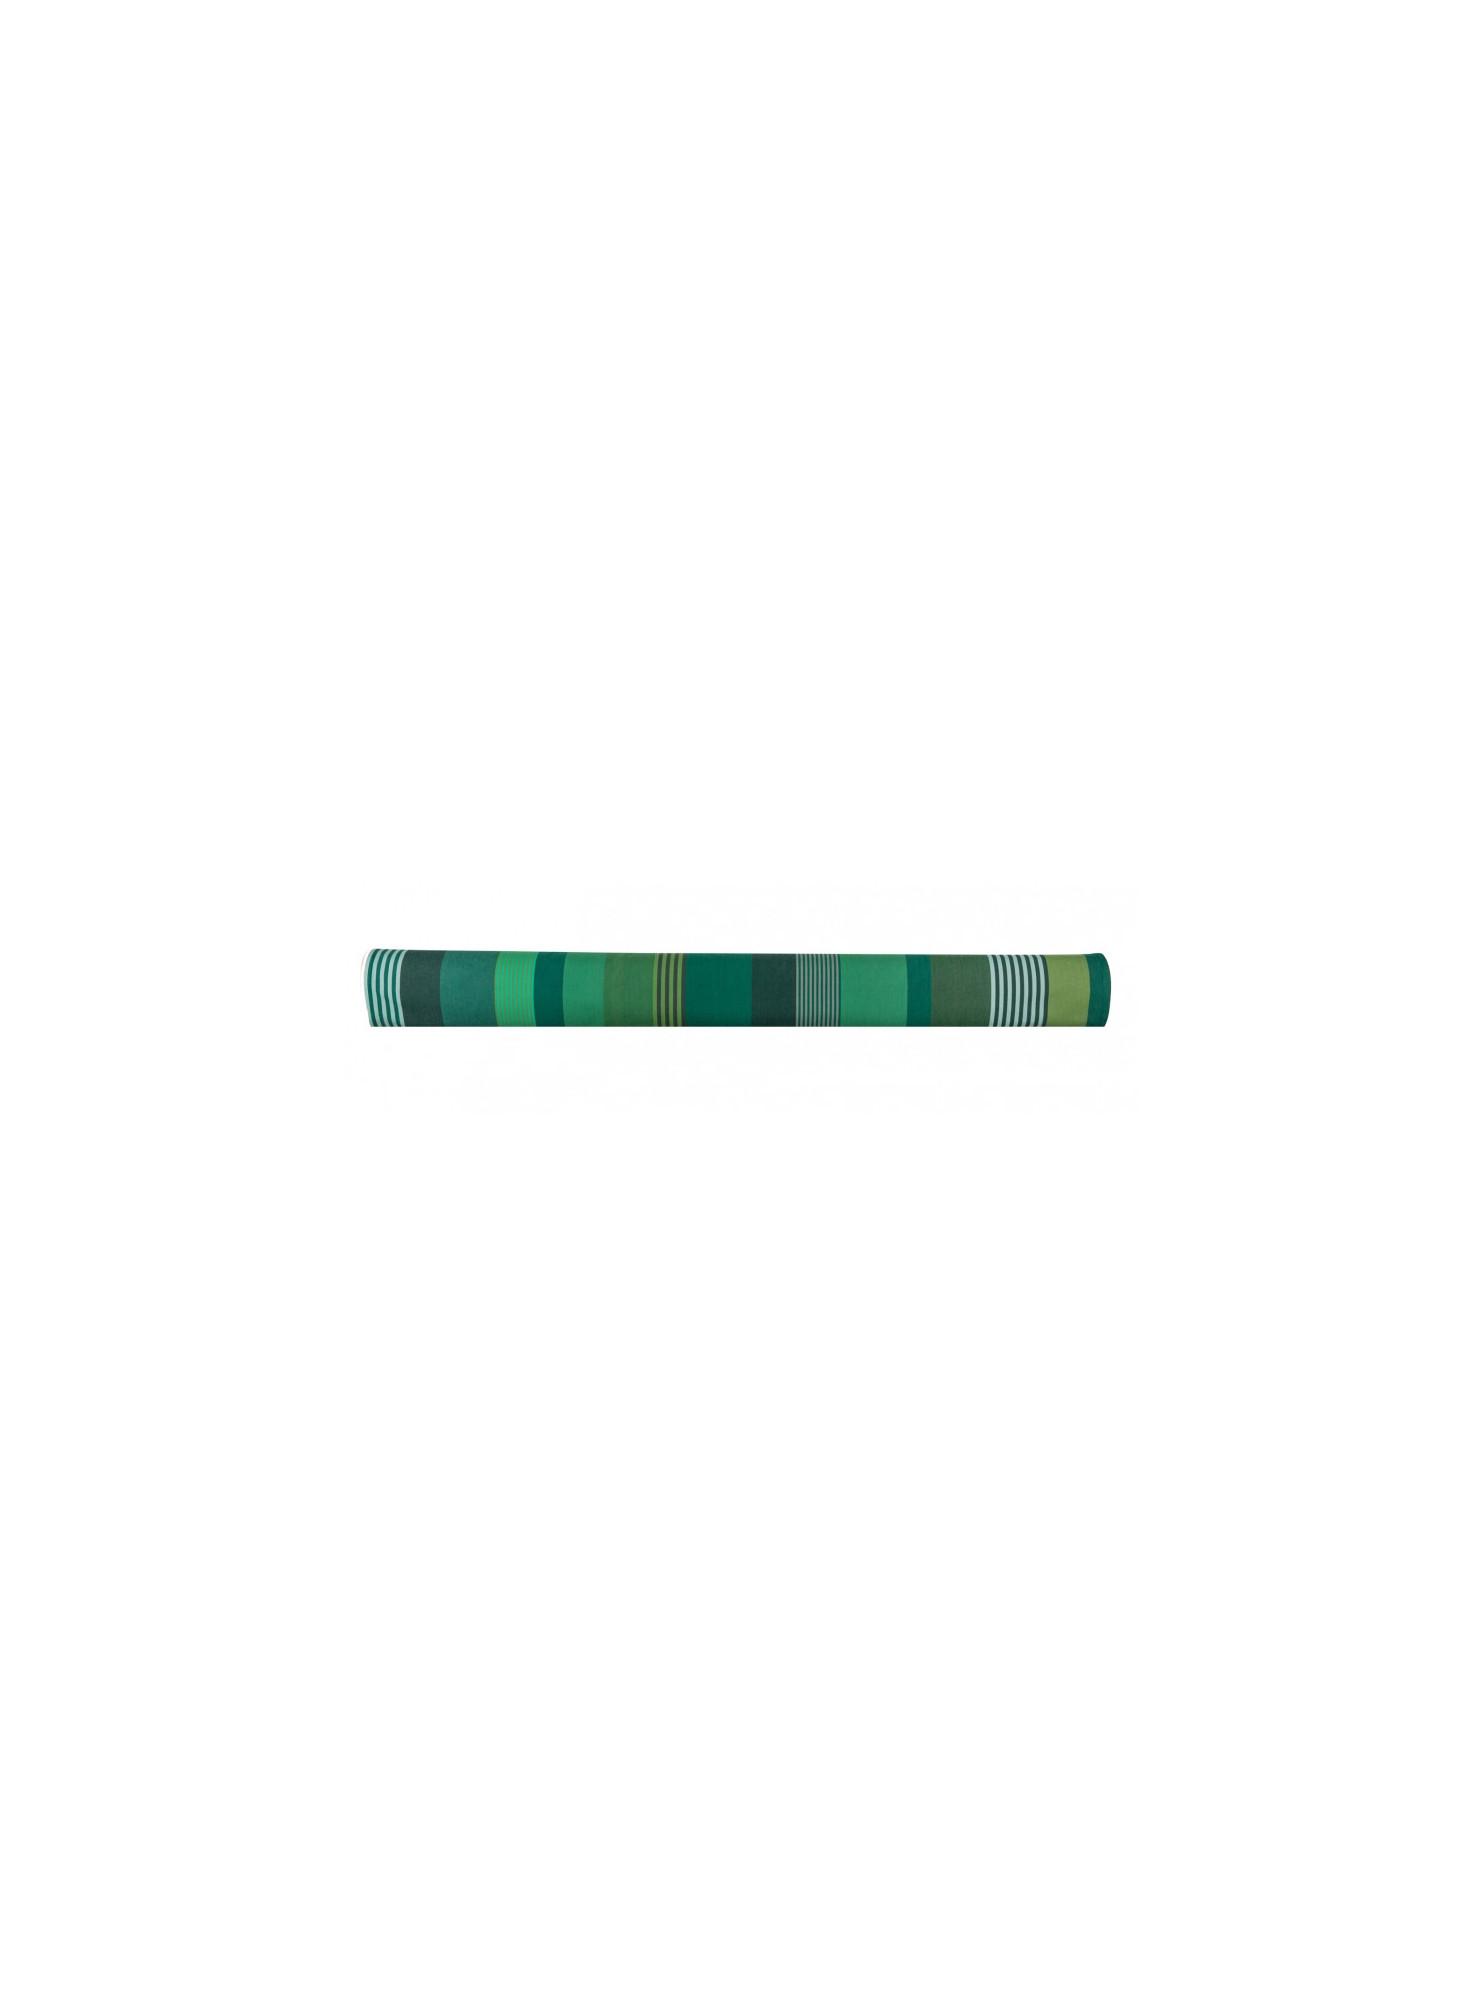 Métrage coton Chiberta tissu basque au mètre